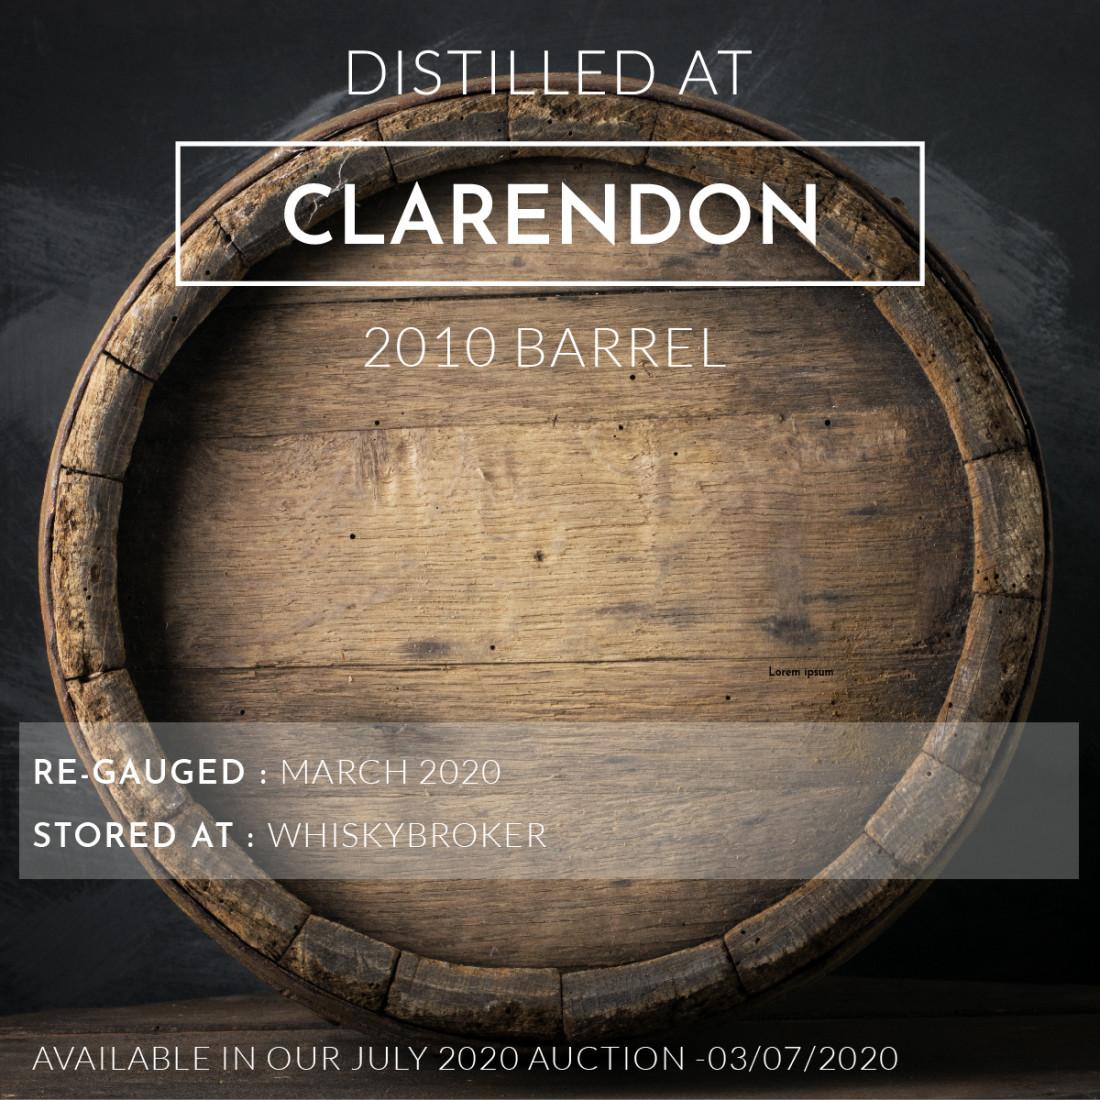 1 Clarendon 2010 Barrel / Cask in storage at Whiskybroker